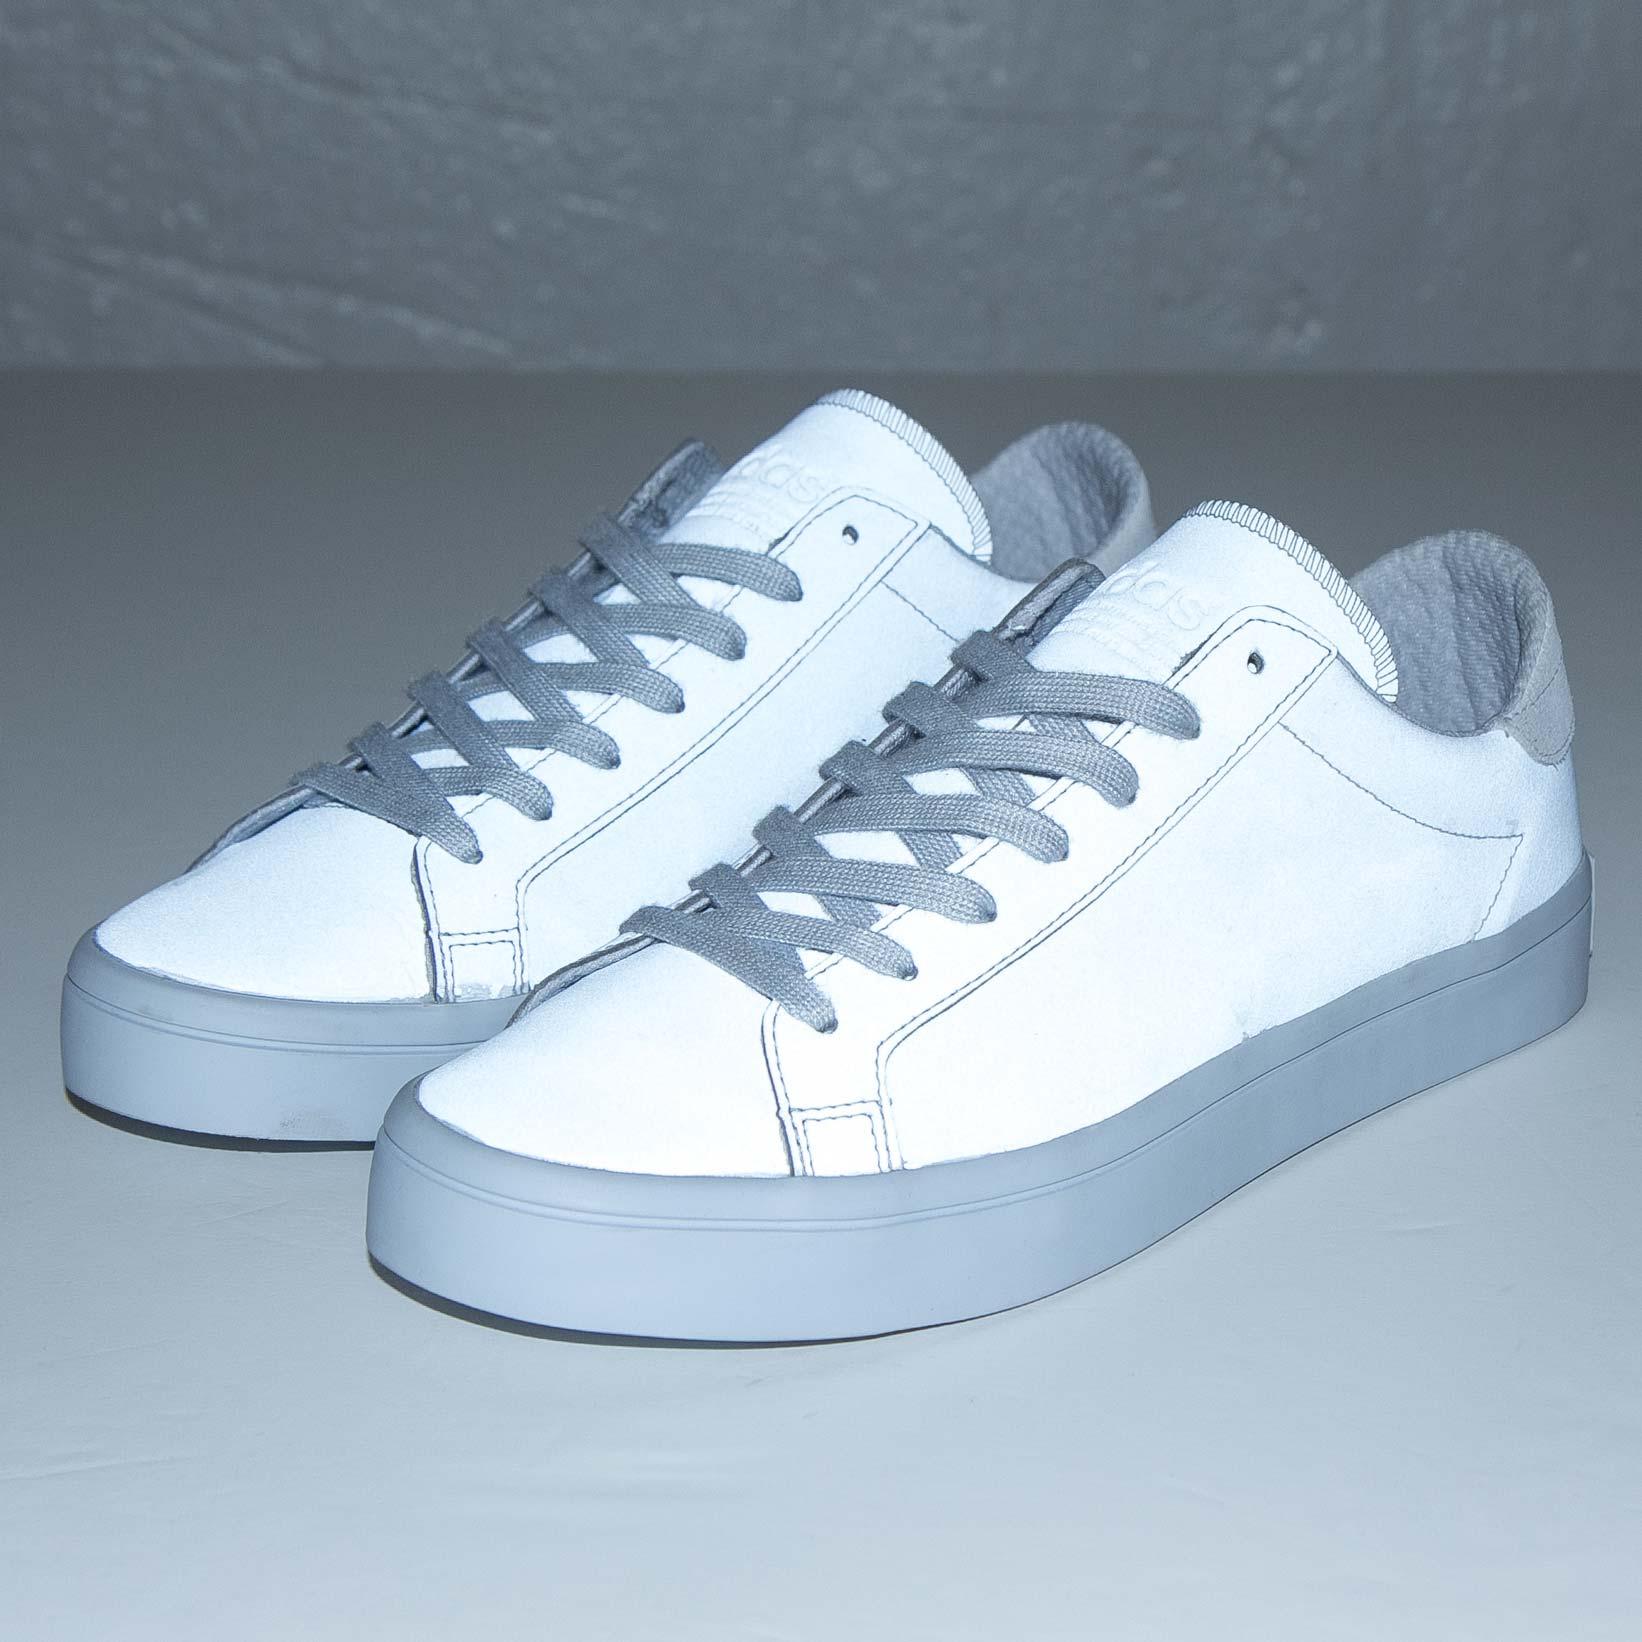 adidas corte vantage adicolor s80255 sneakersnstuff scarpe